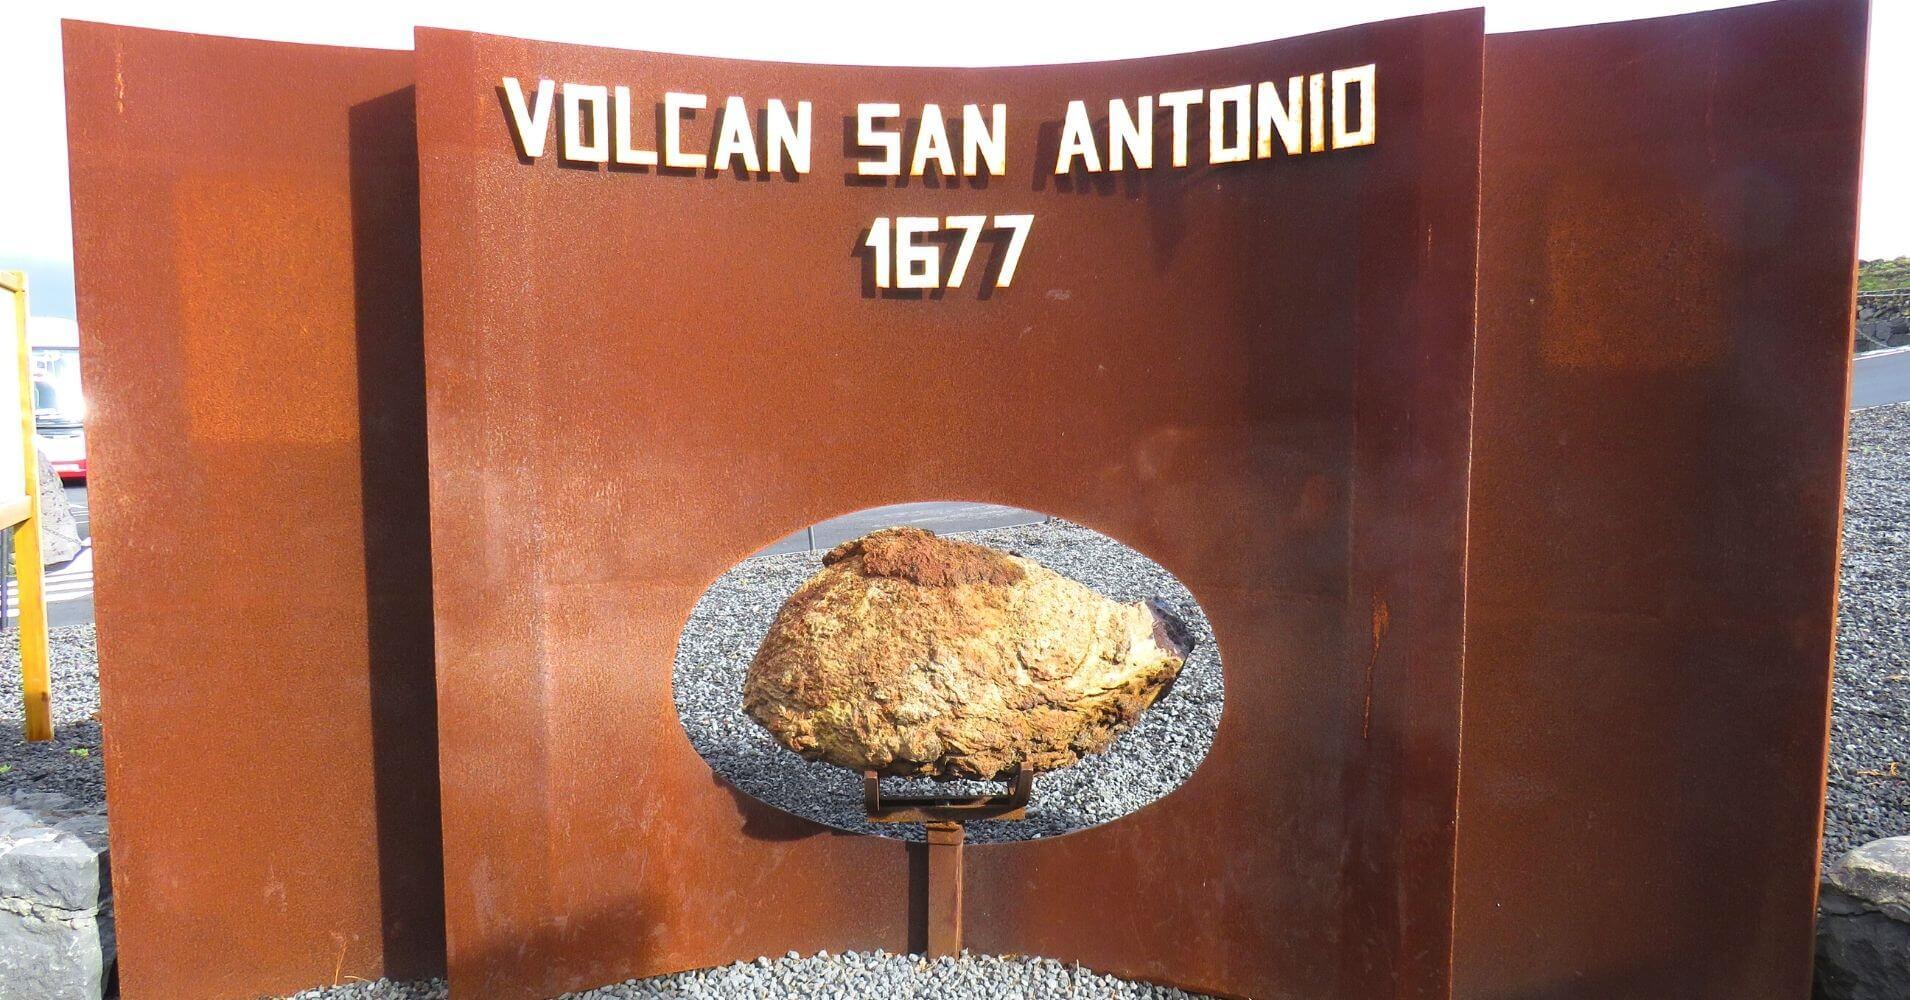 Volcán de San Antonio. La Palma, Islas Canarias.